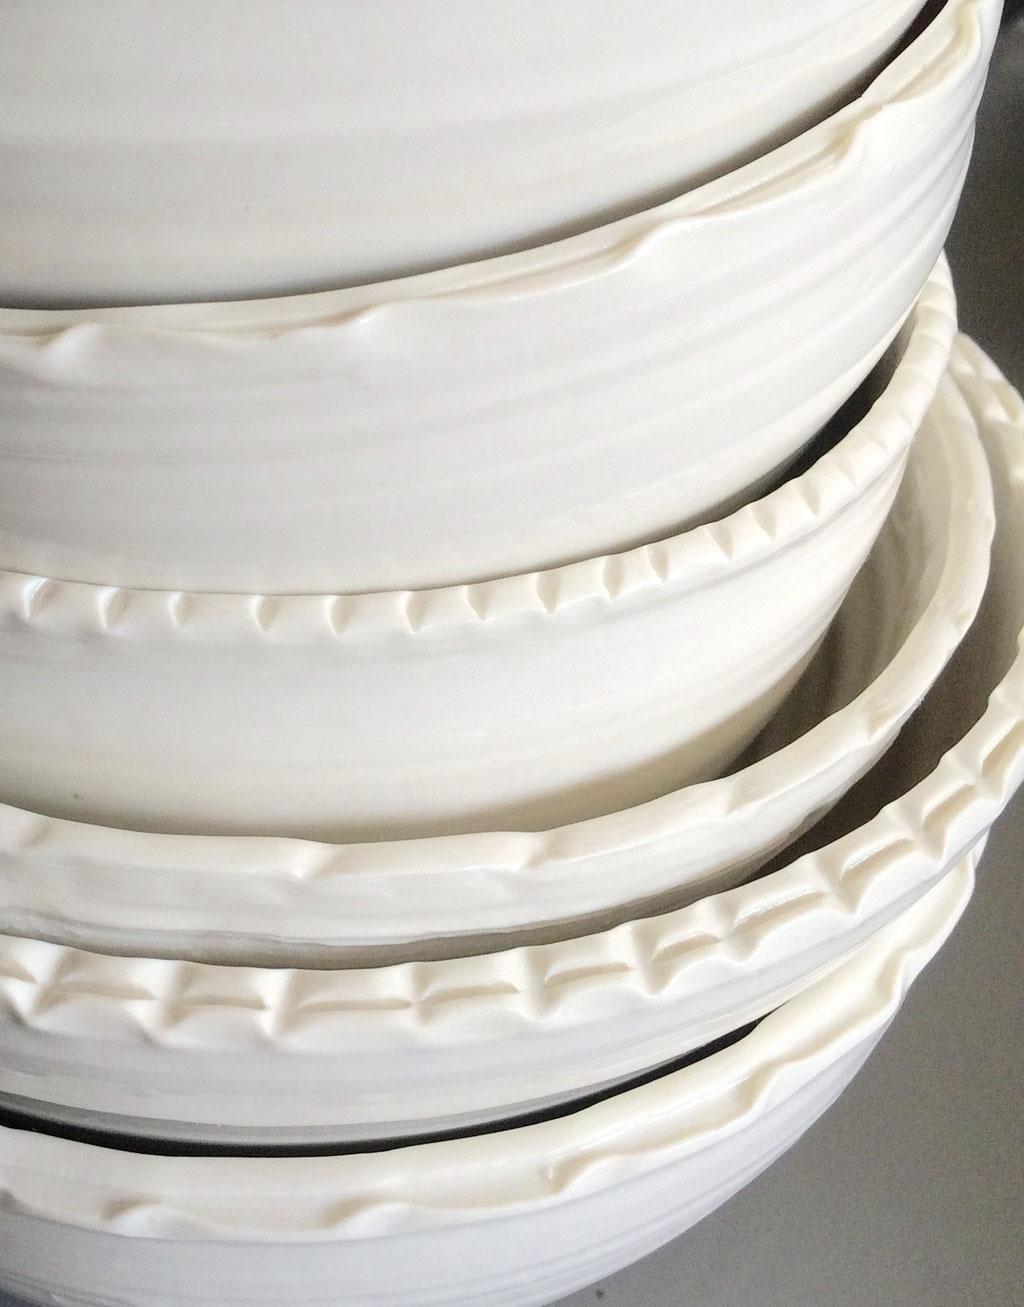 Ramen Bowls, Porzellan